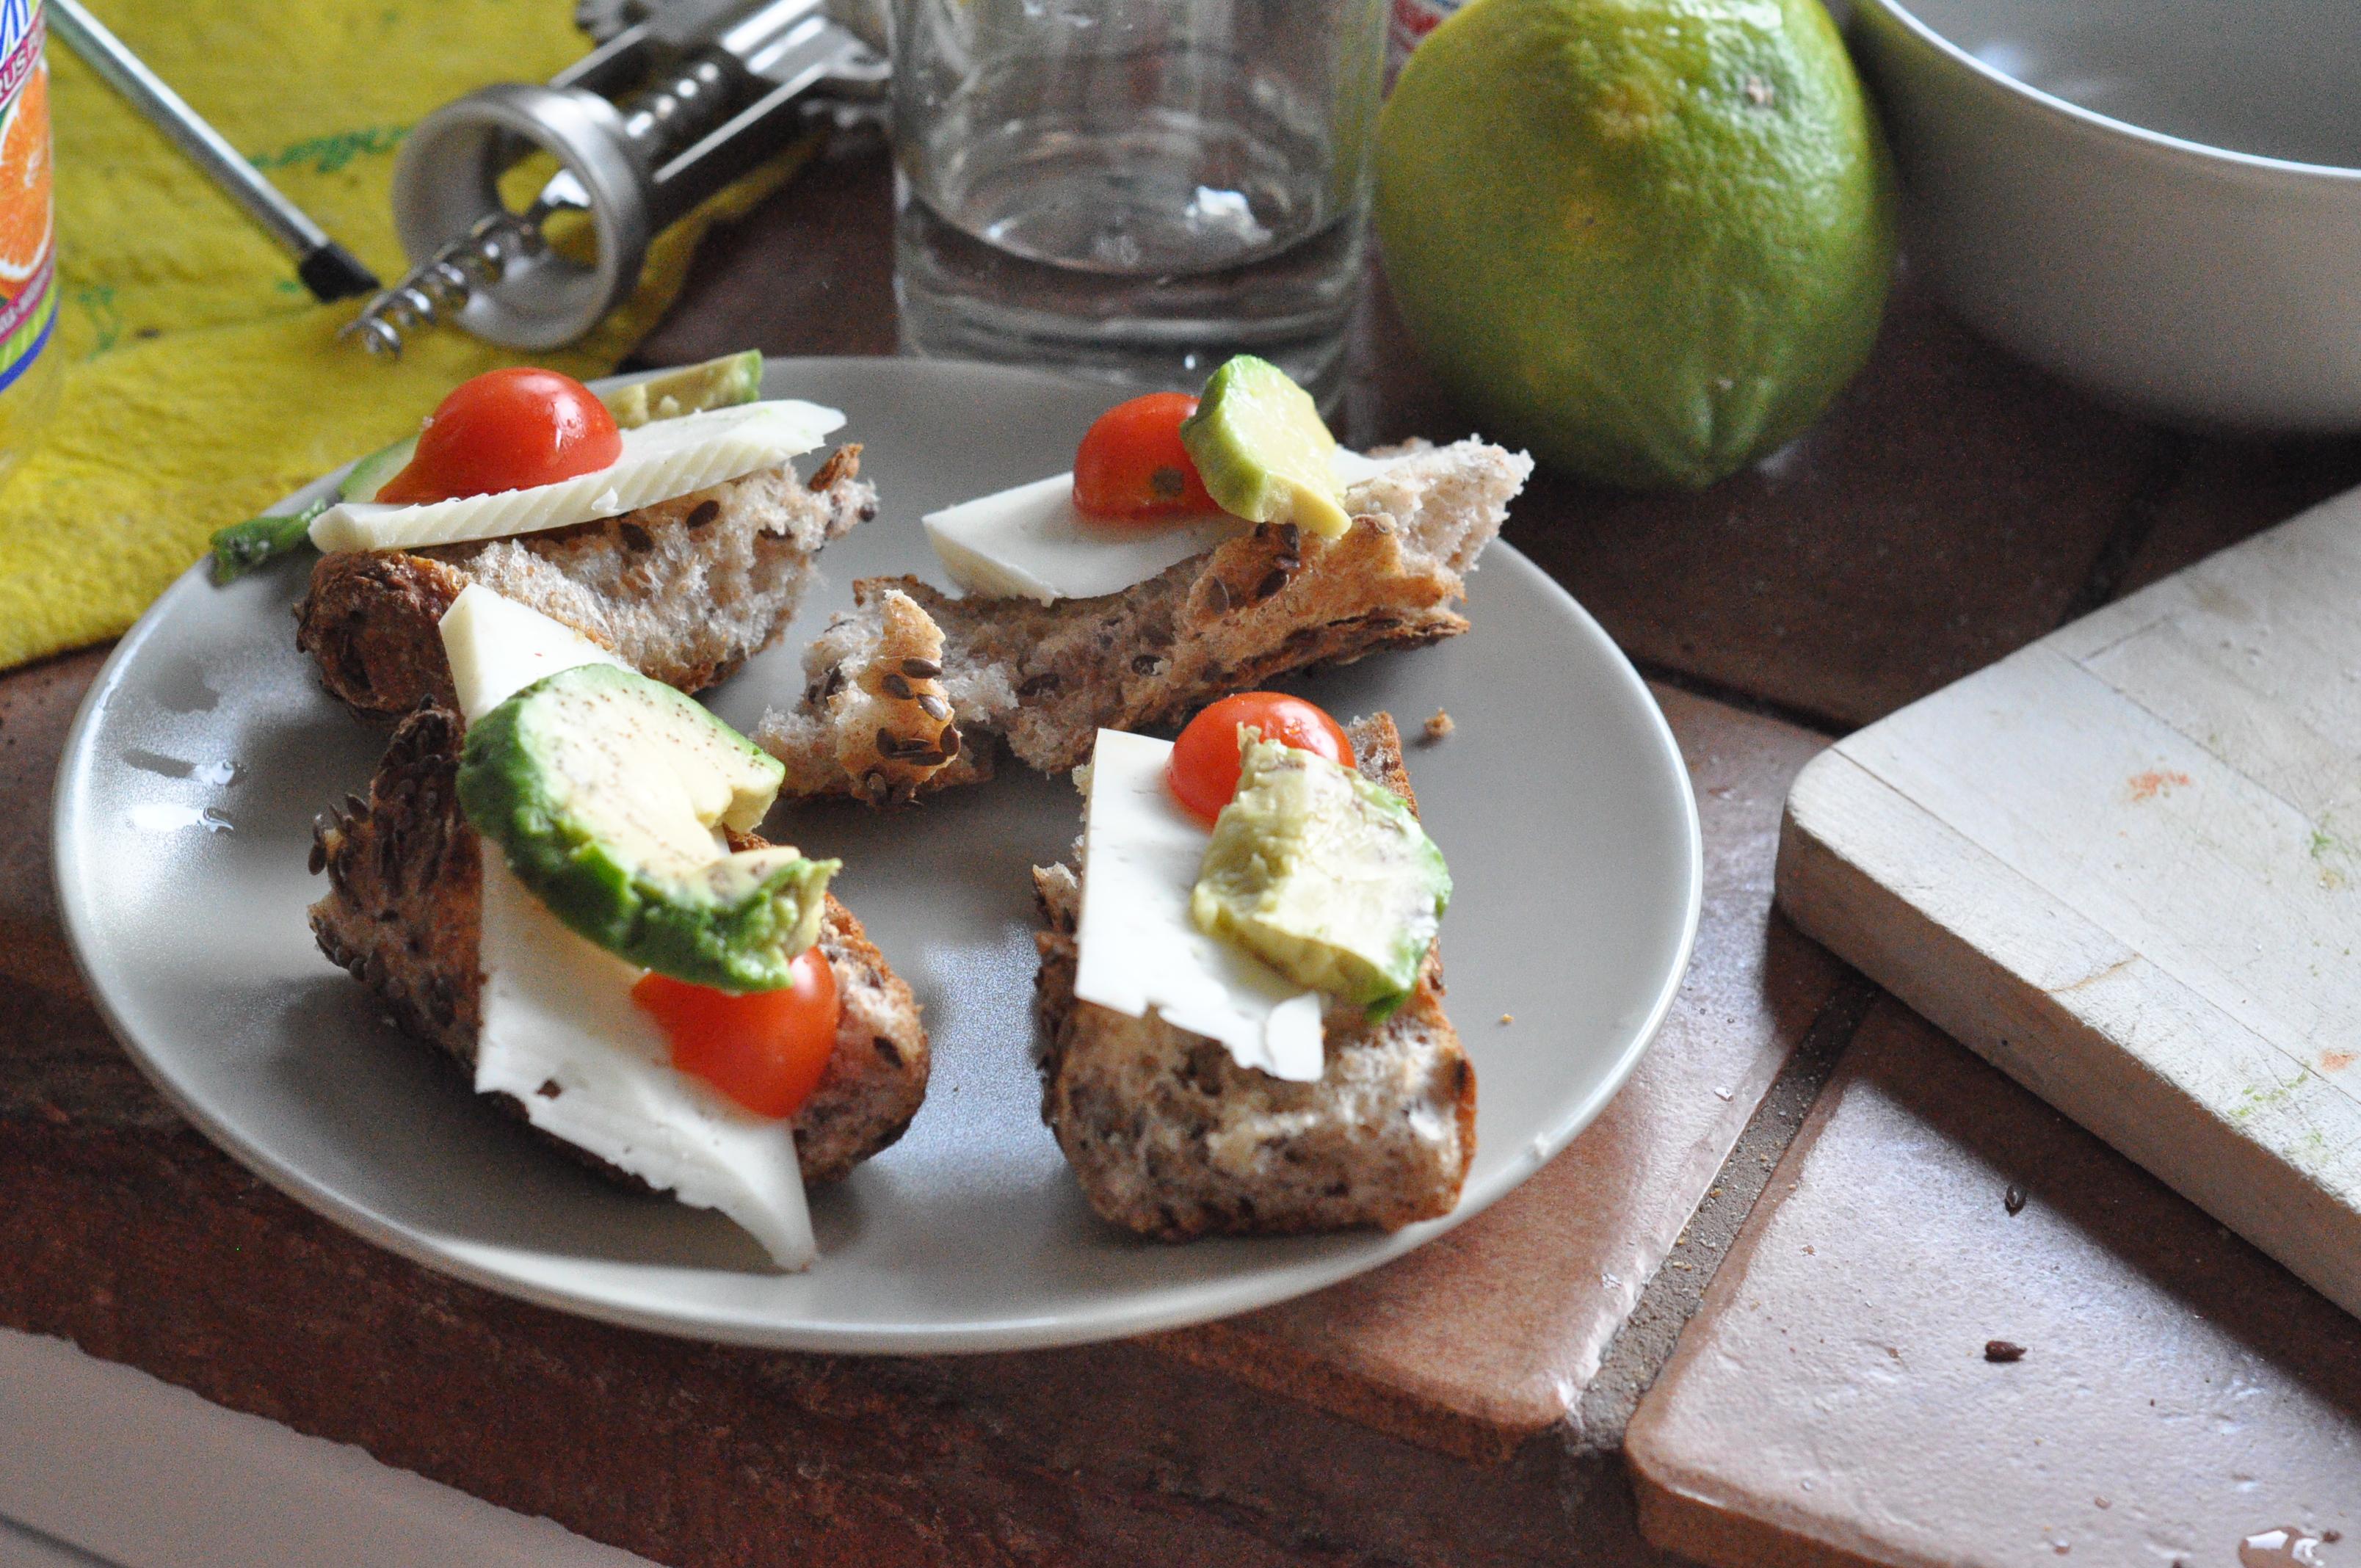 Гербициды в хлопьях для завтрака: кто виноват и что делать